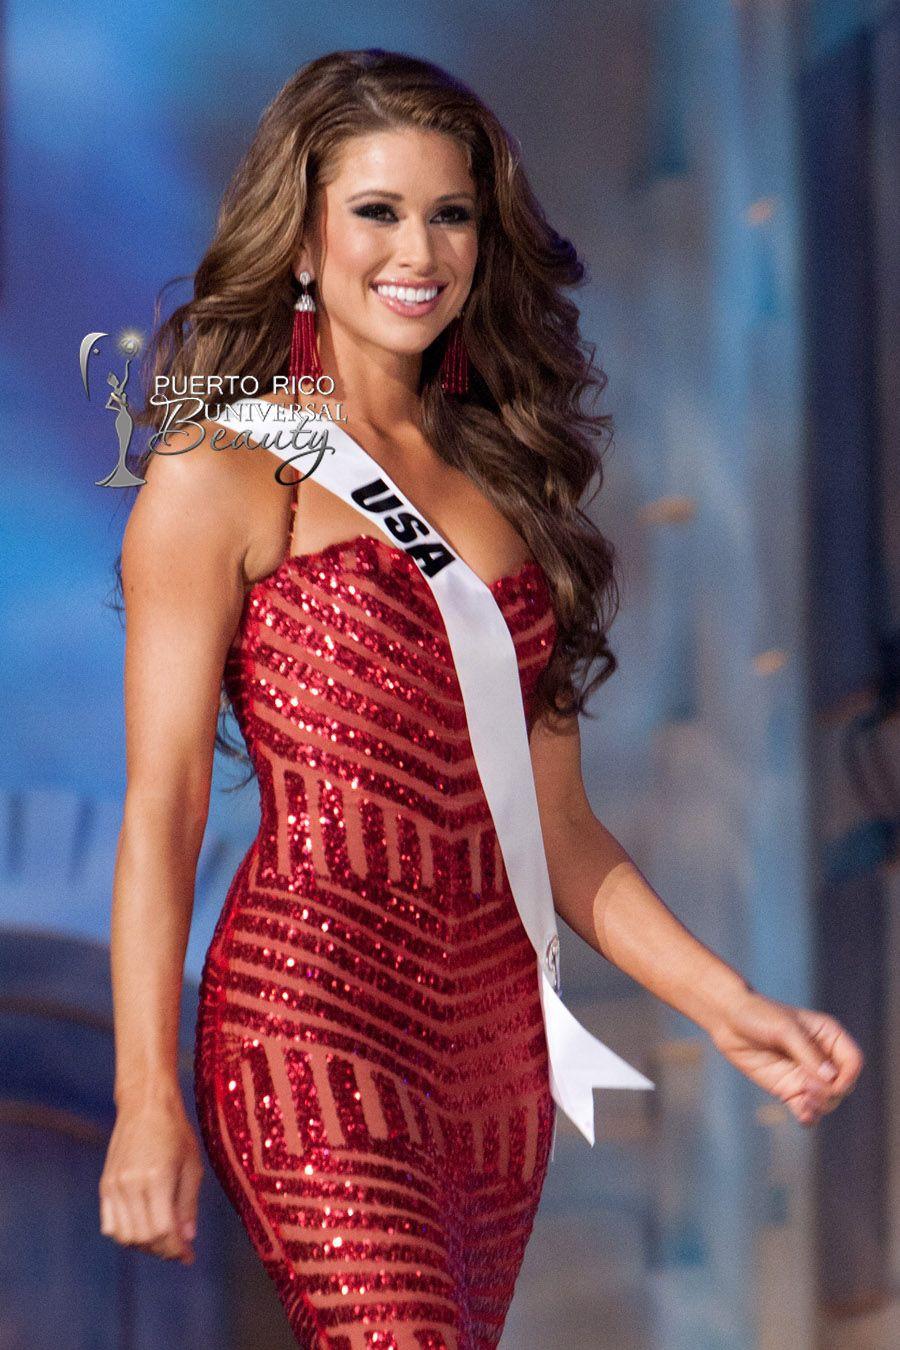 Những quốc gia đang là con cưng của Hoa hậu Hoàn vũ - Ảnh 4.